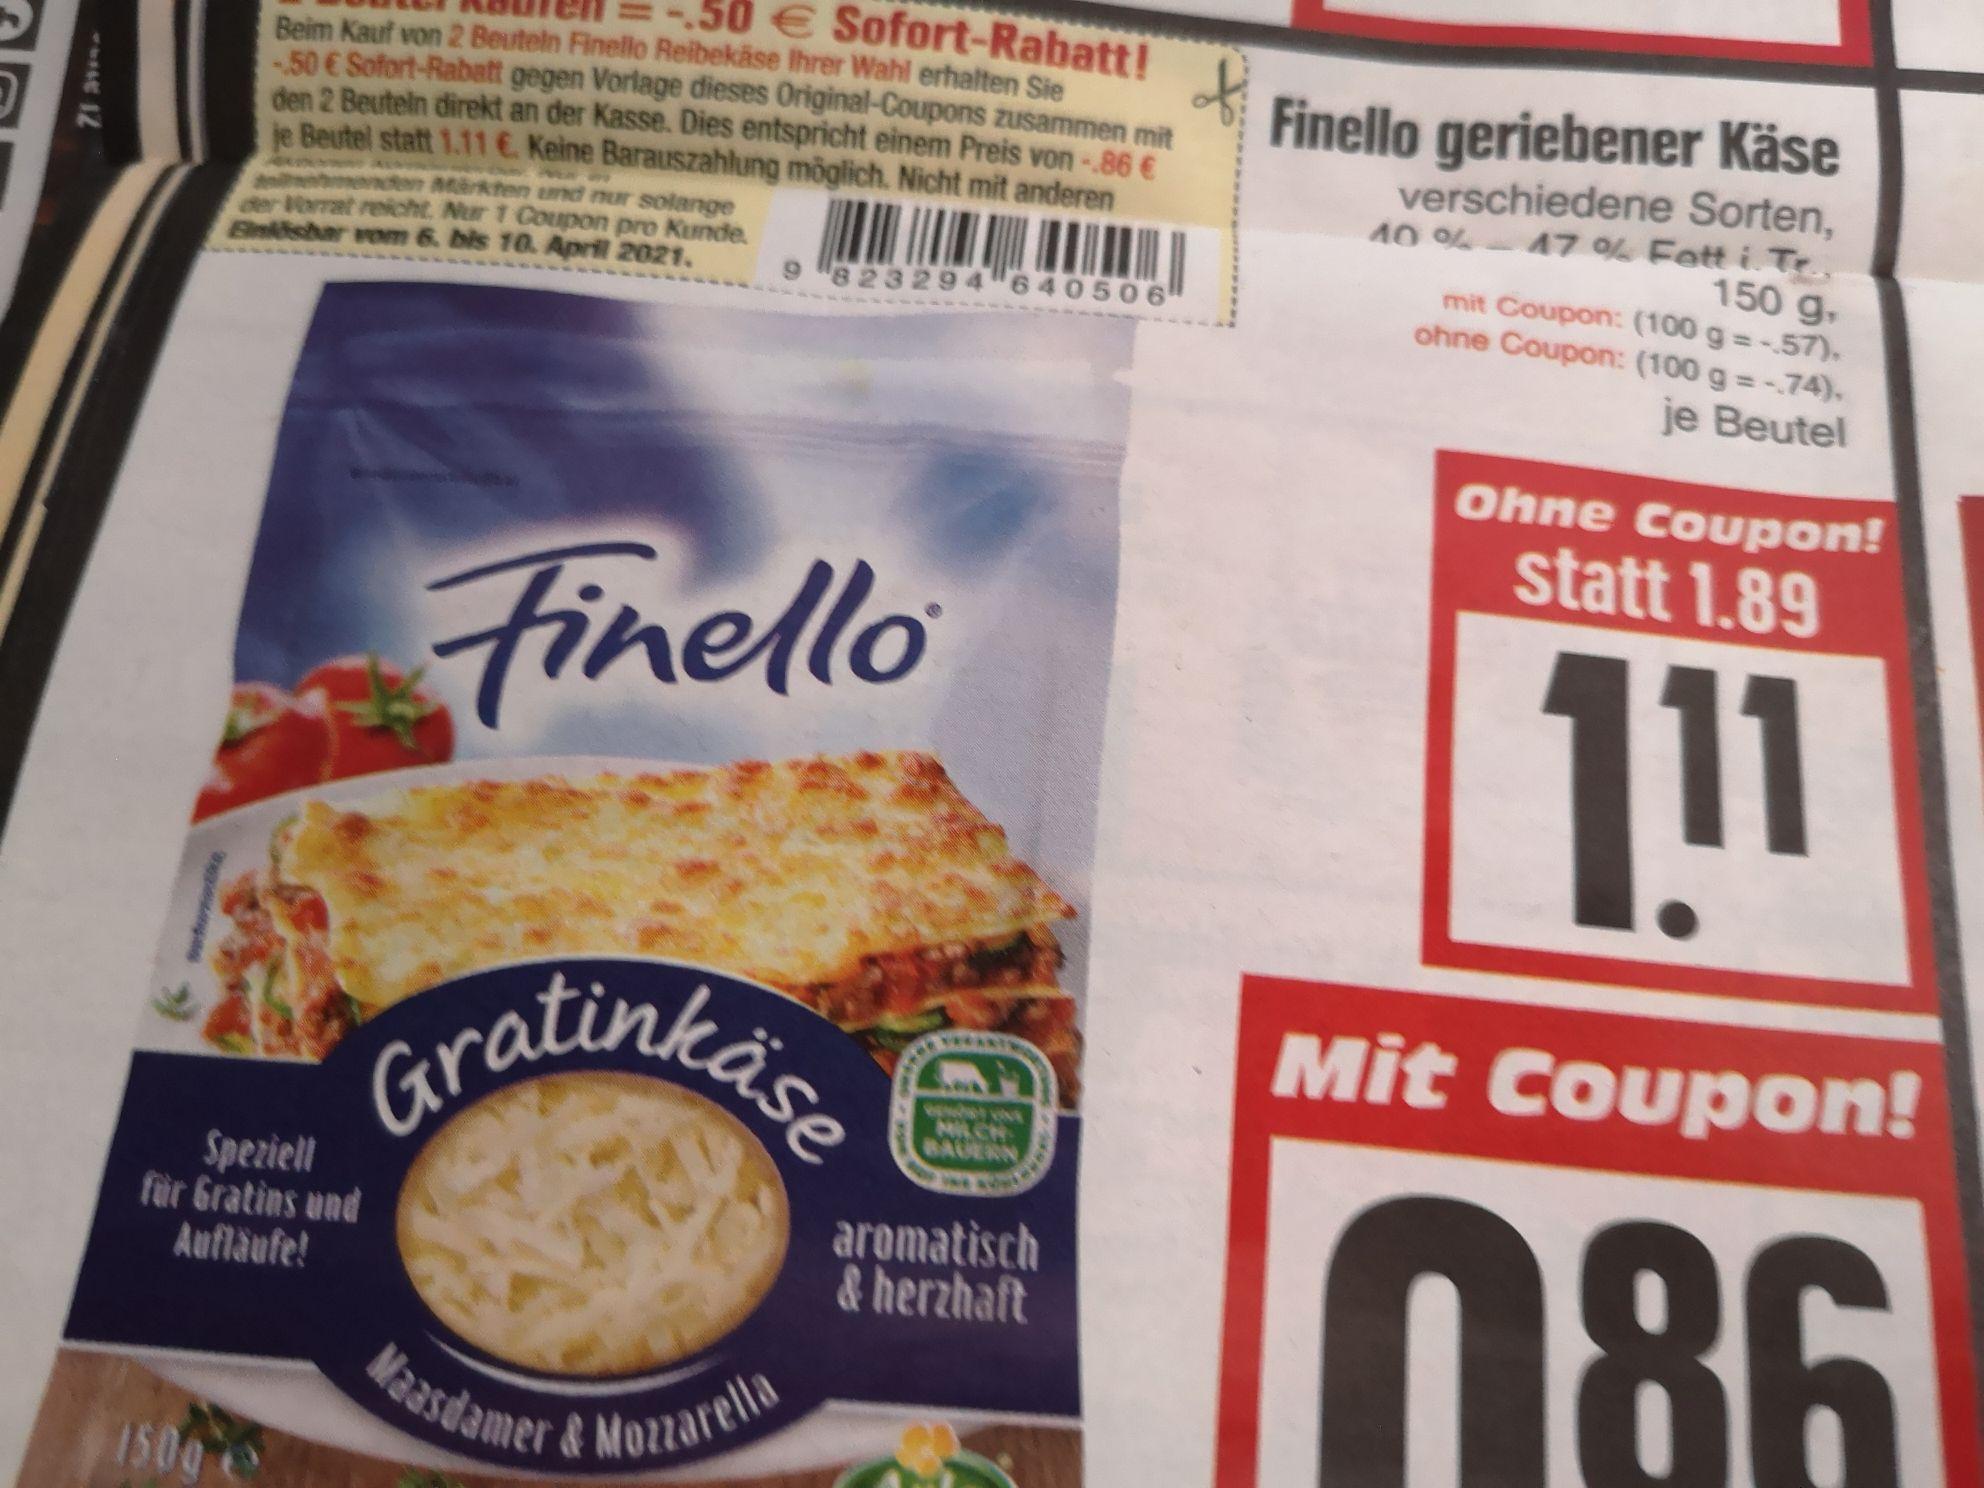 EDEKA Hessenring Finello geriebener Käse 150 gr, verschiedene Sorten